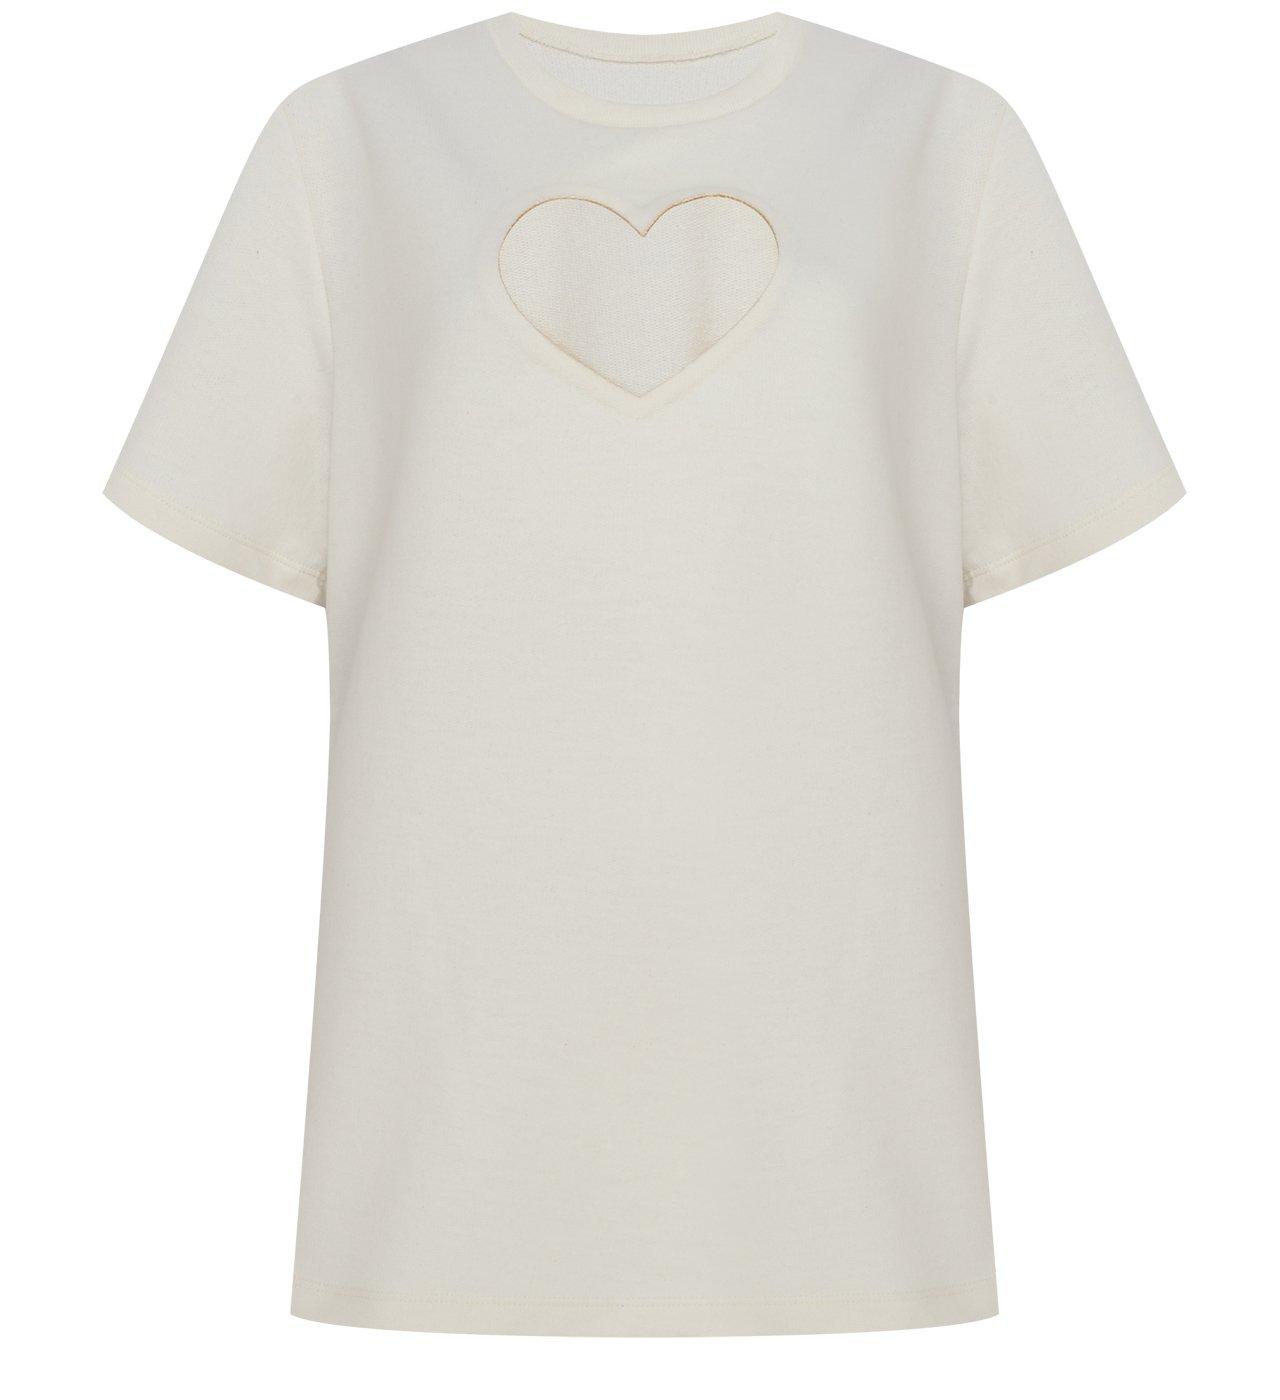 Ginger X Schutz T-Shirt White | Schutz